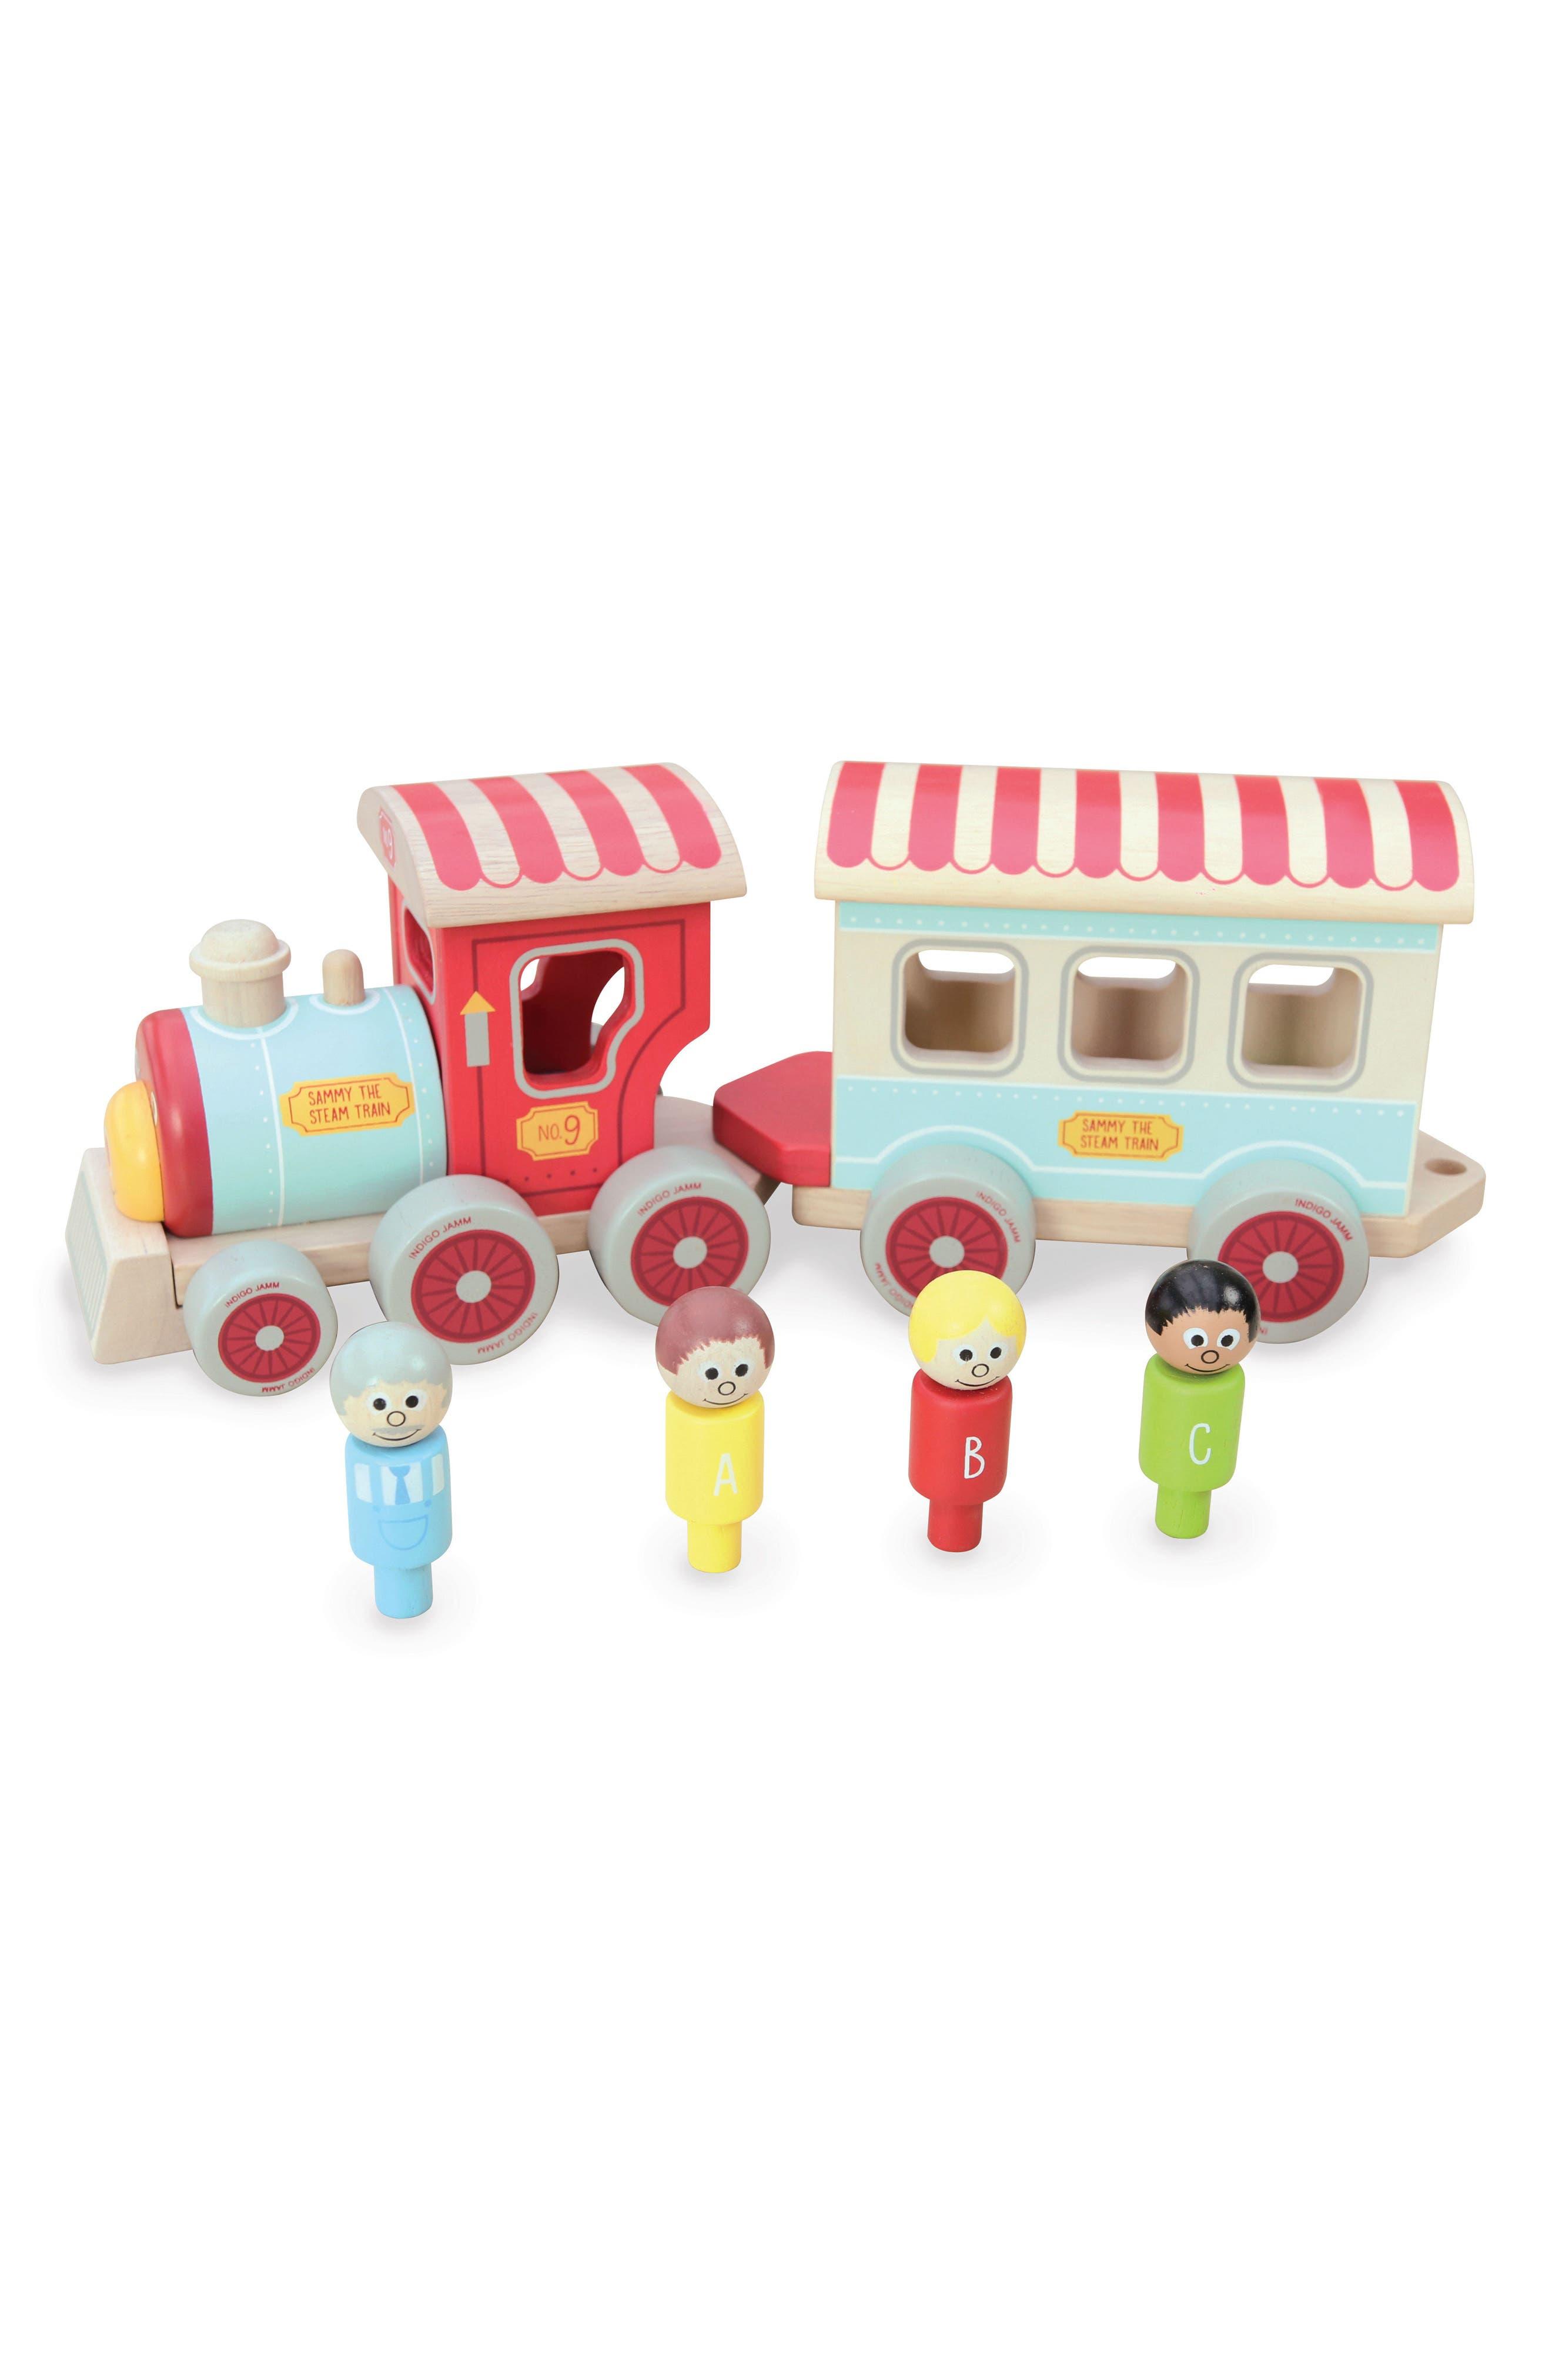 Main Image - Indigo Jamm Wooden Train Toy